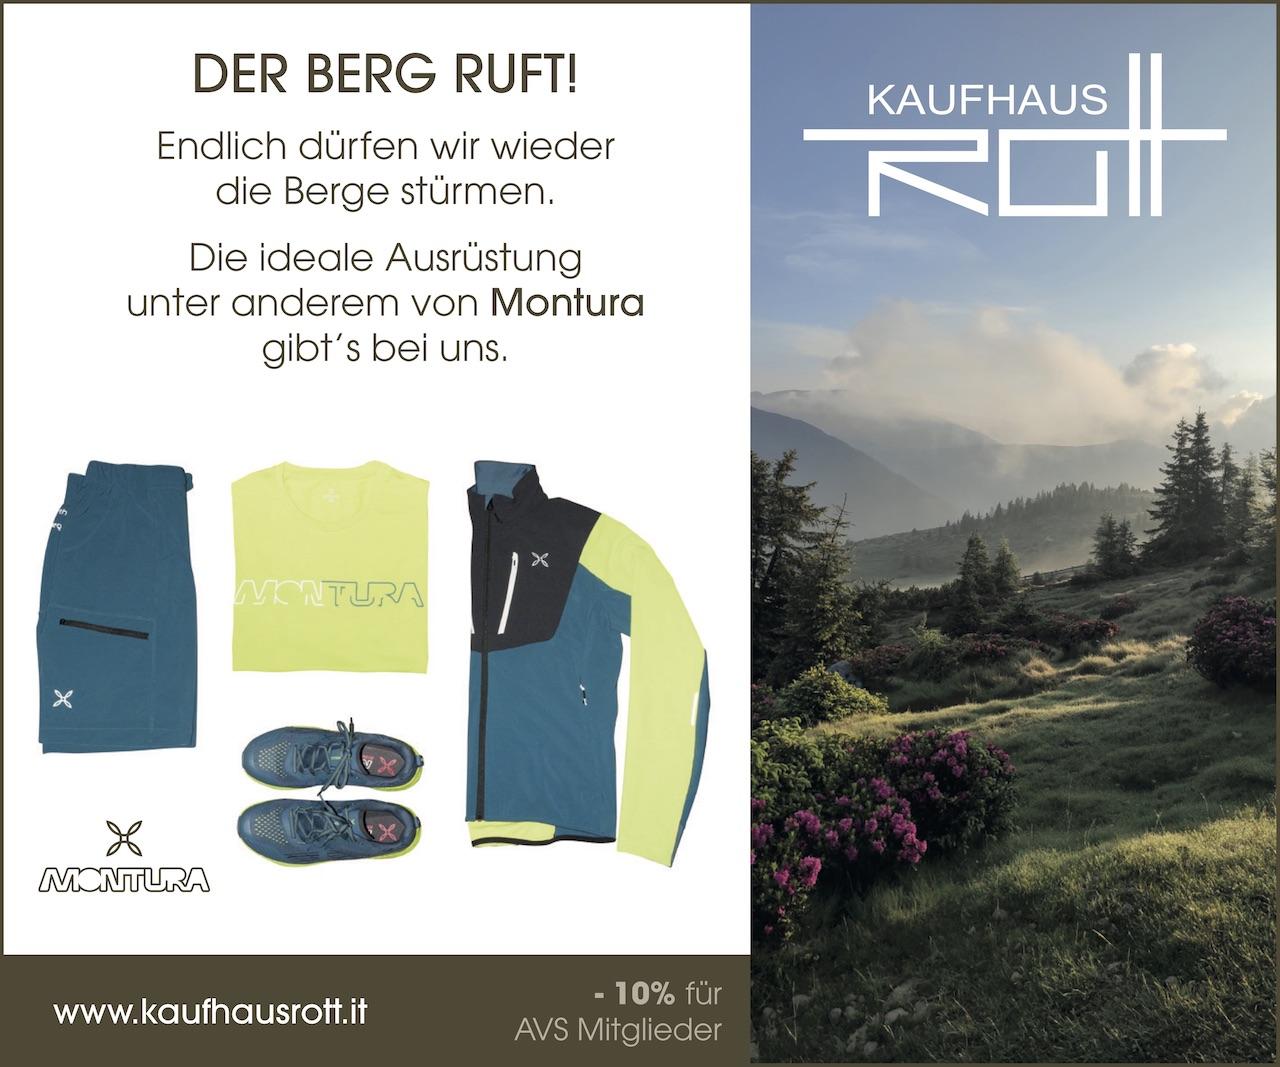 07_20_Anzeigen_Sarnerblatt_ROTT_120x95.